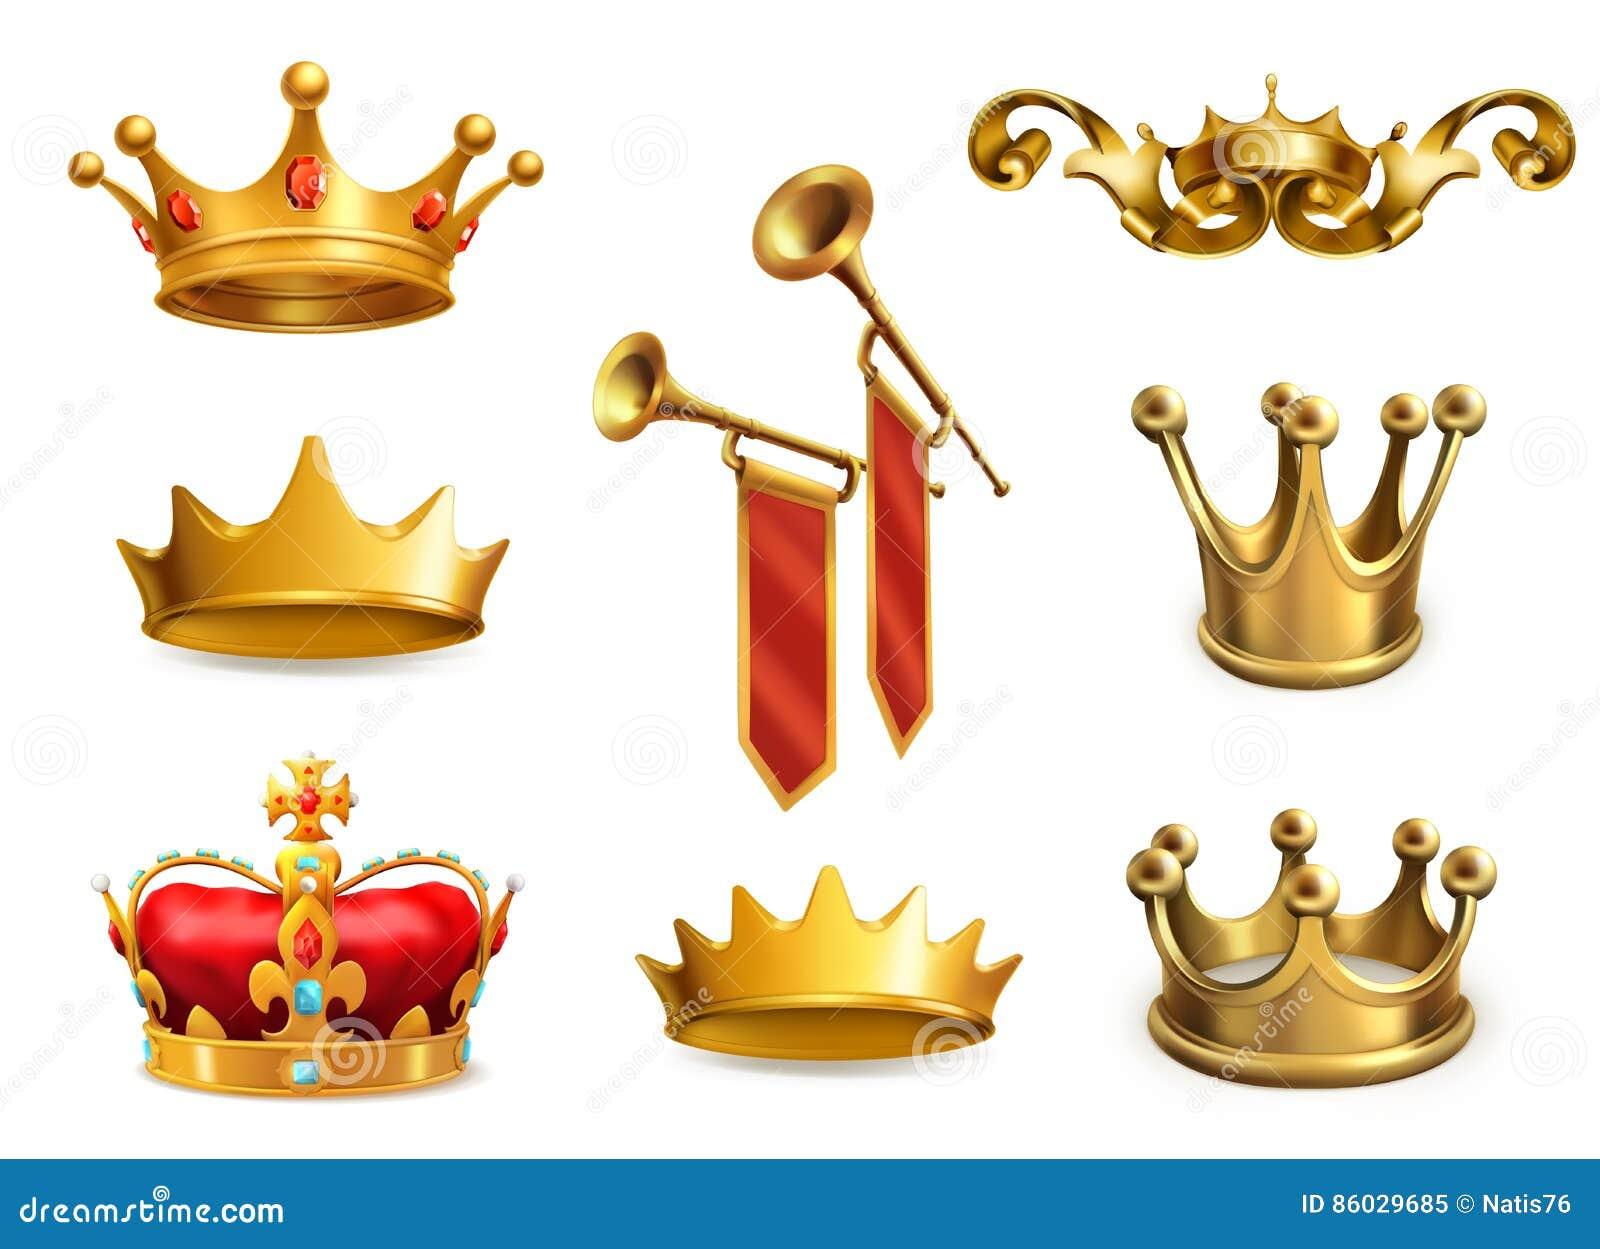 Guld- krona av konungen symboler för pappfärgsymbol ställde in vektorn för etiketter tre